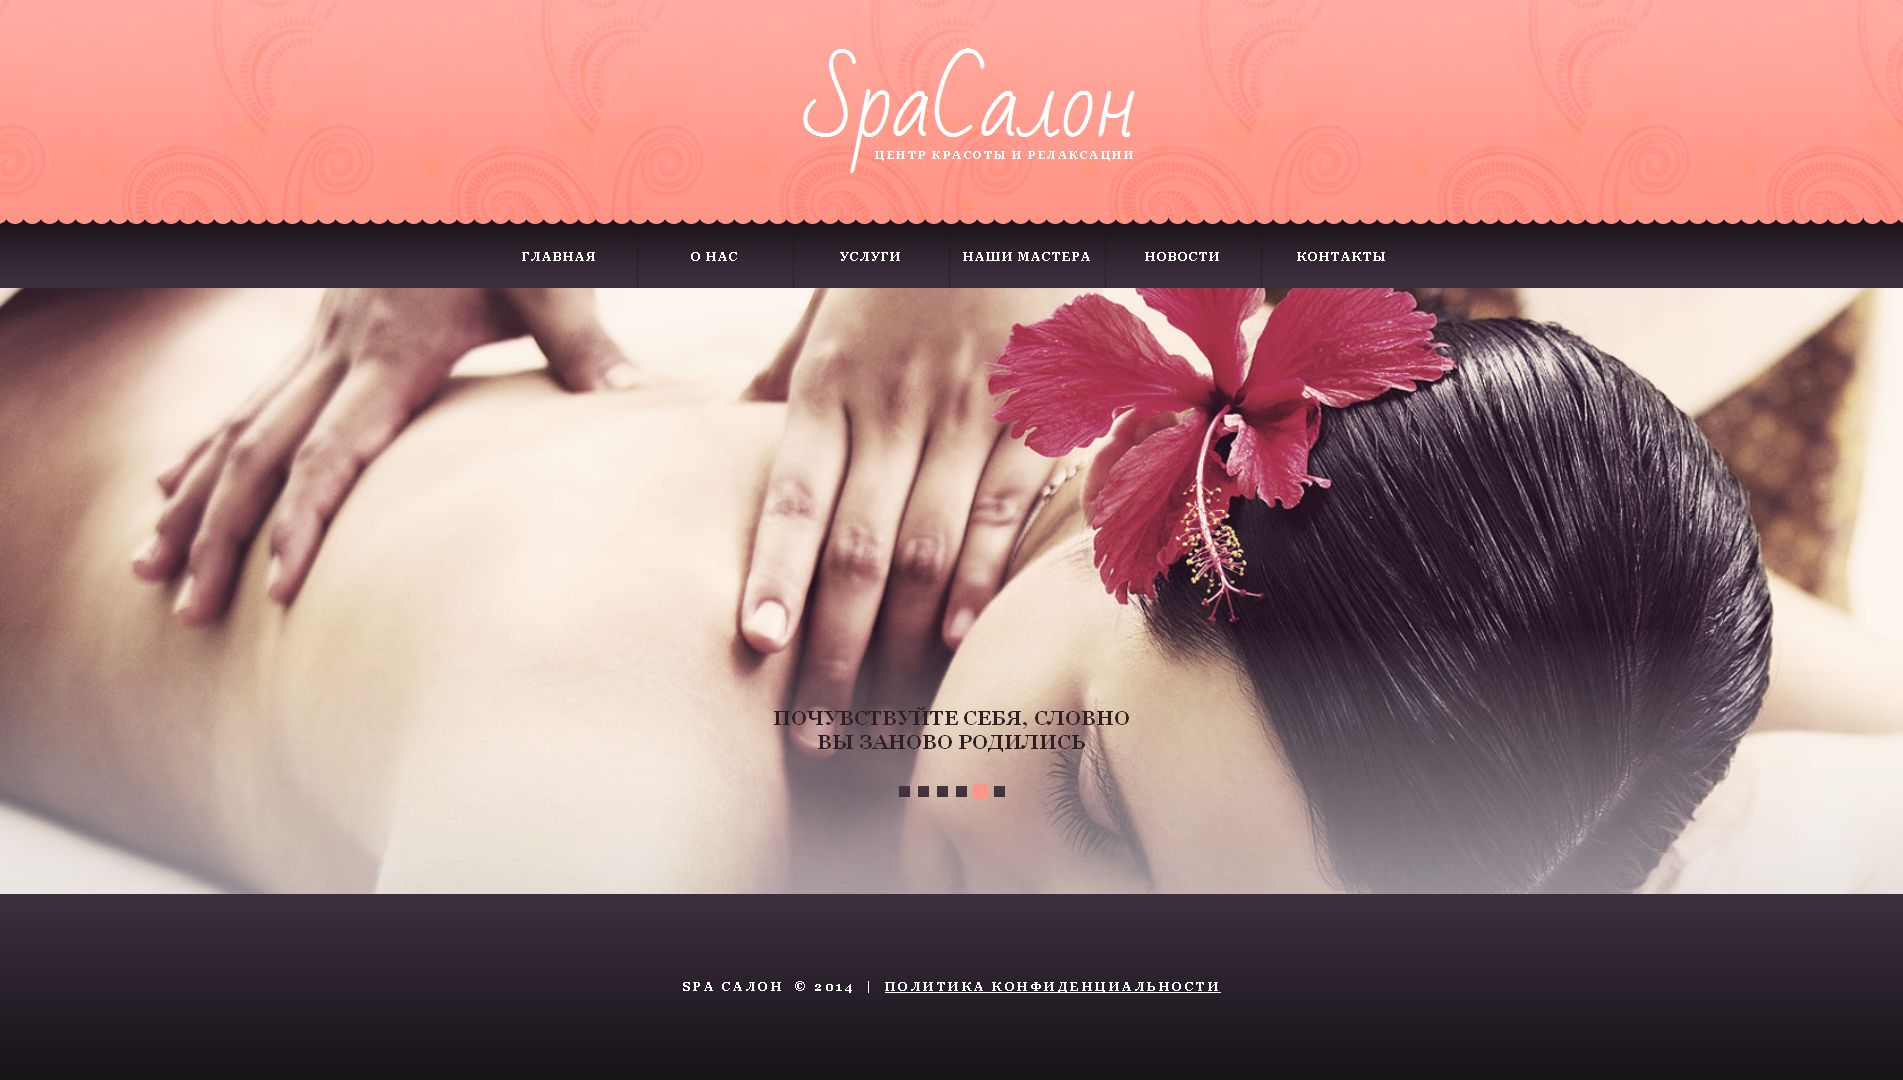 Moto CMS HTML Vorlage für Schönheitssalon #50577